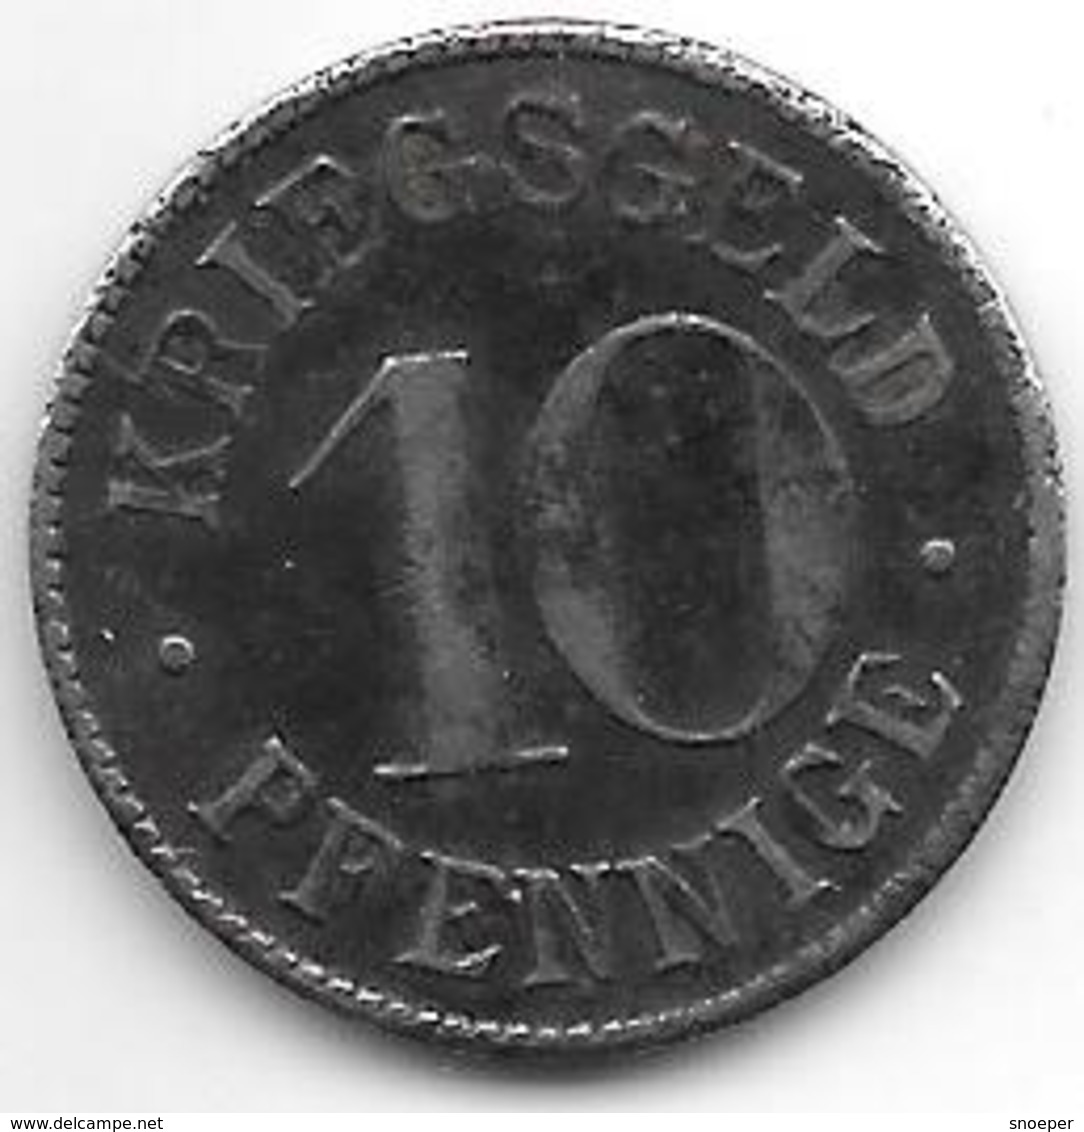 Notgeld Heidelberg 10 Pfennig  ND Fe 6154.1 / F203.3b - [ 2] 1871-1918 : Empire Allemand